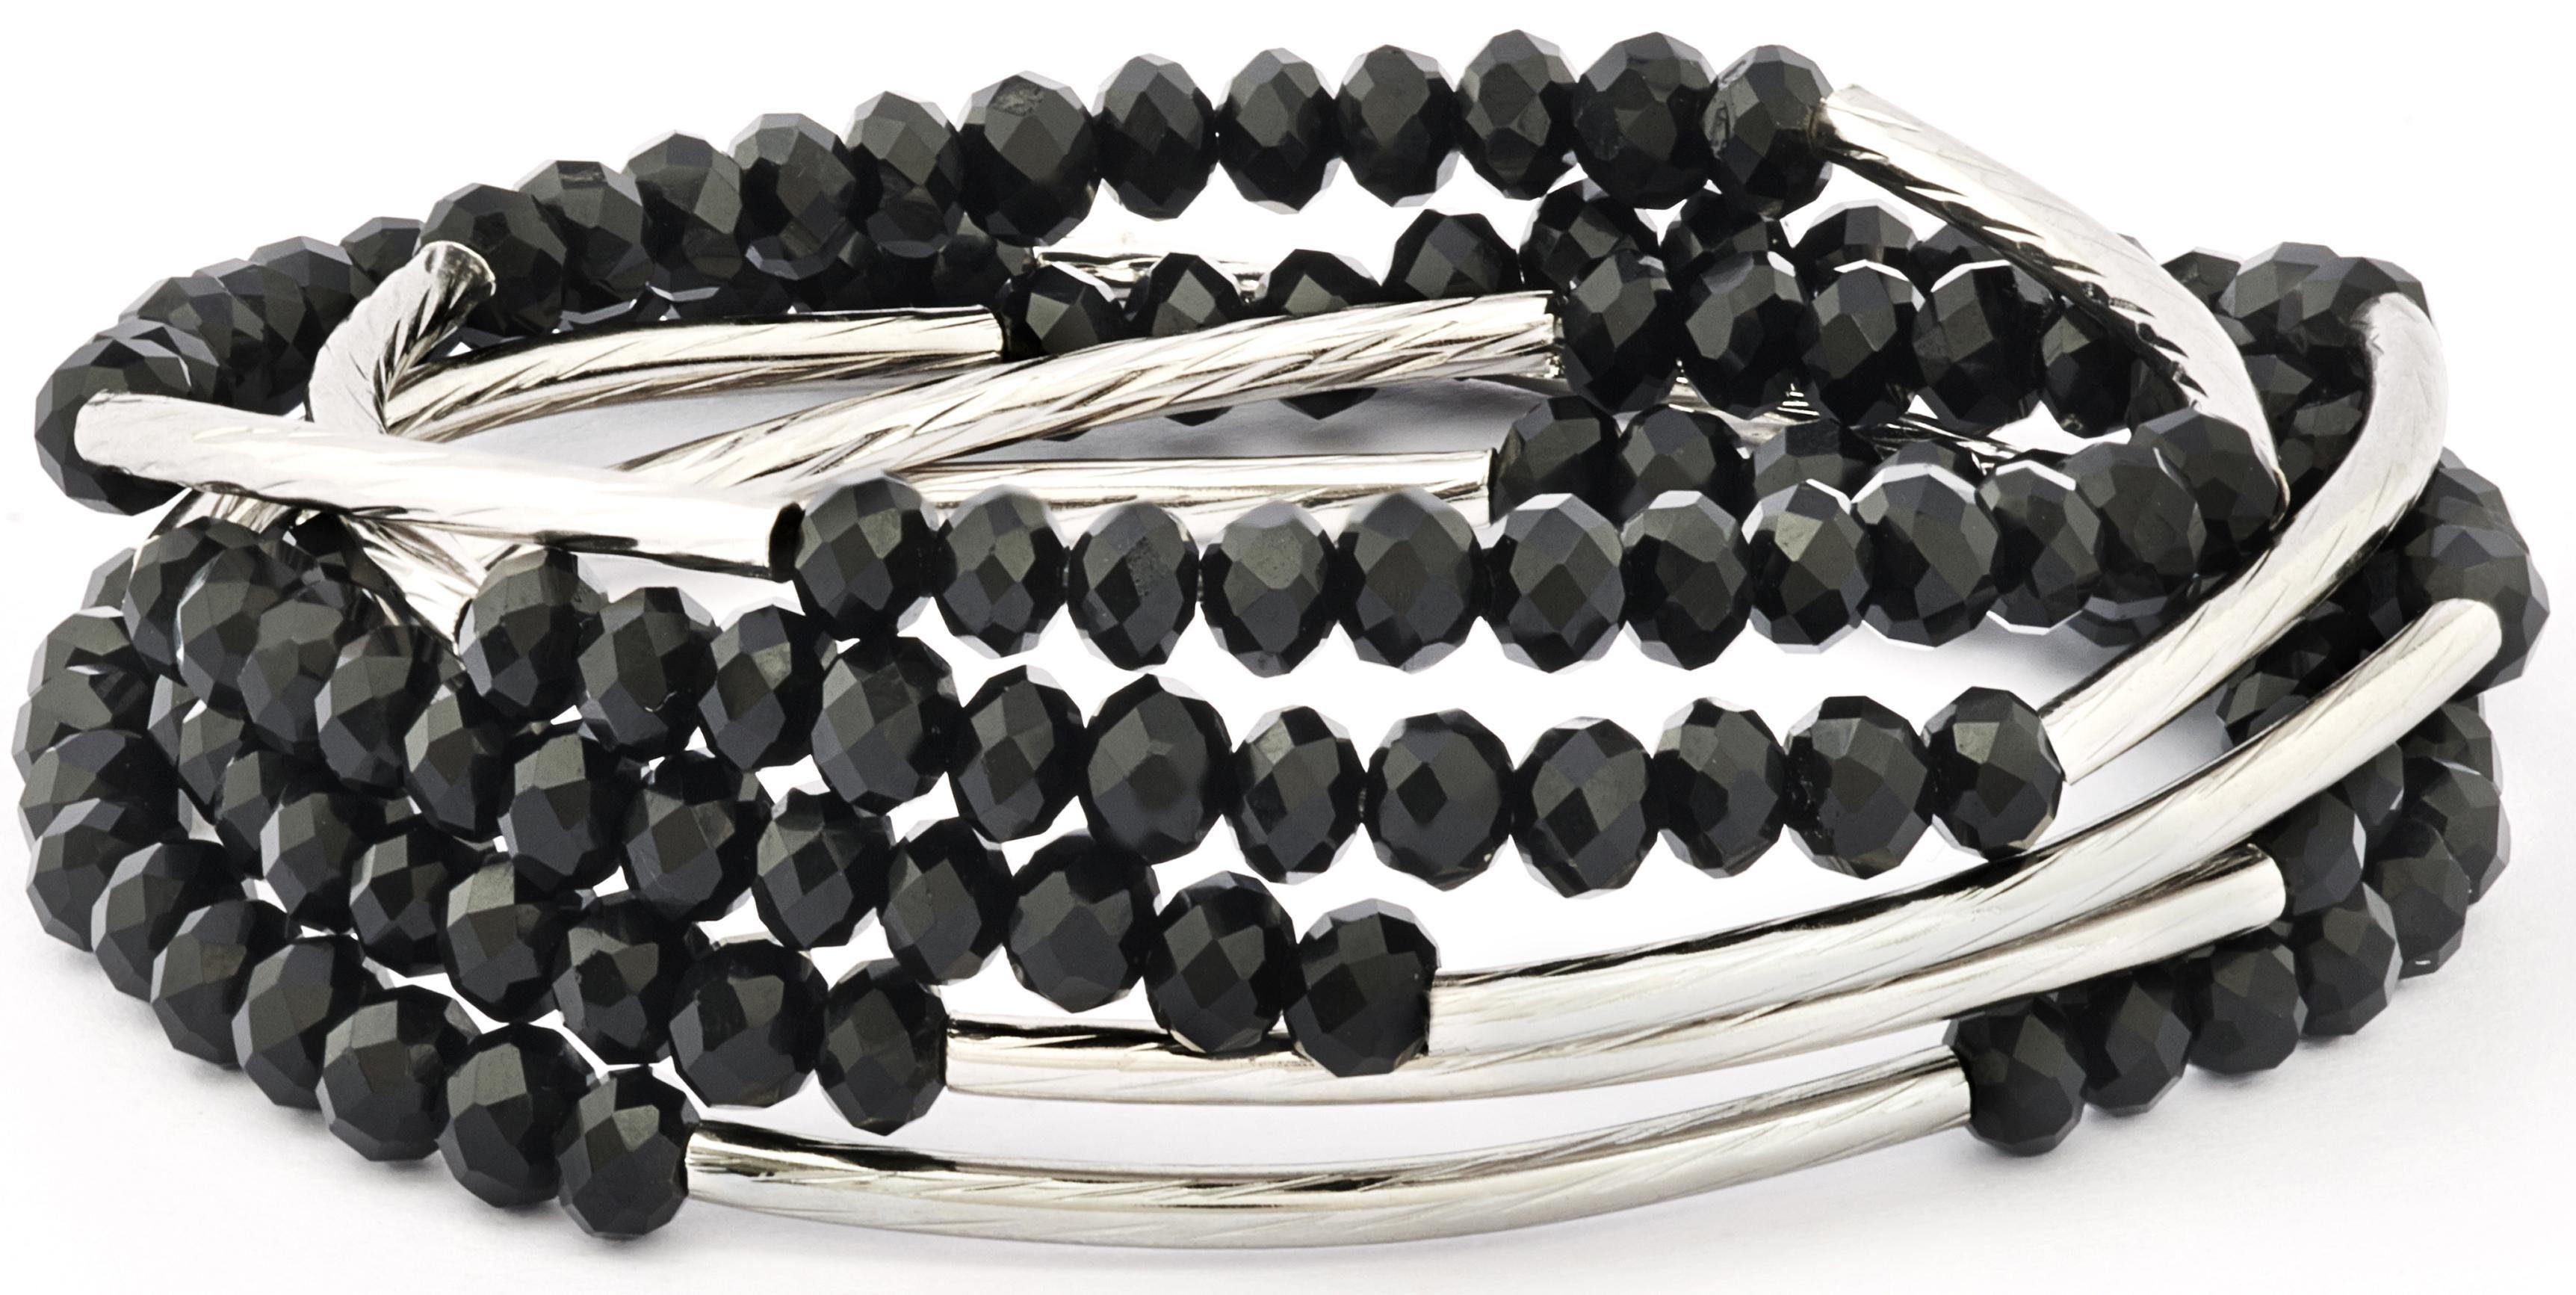 Chrysalis Wickelarmband »FRIENDSHIP - Glaube an dich selbst, CRWF0001SP-G« auch als Halskette tragbar, mit Glassteinen